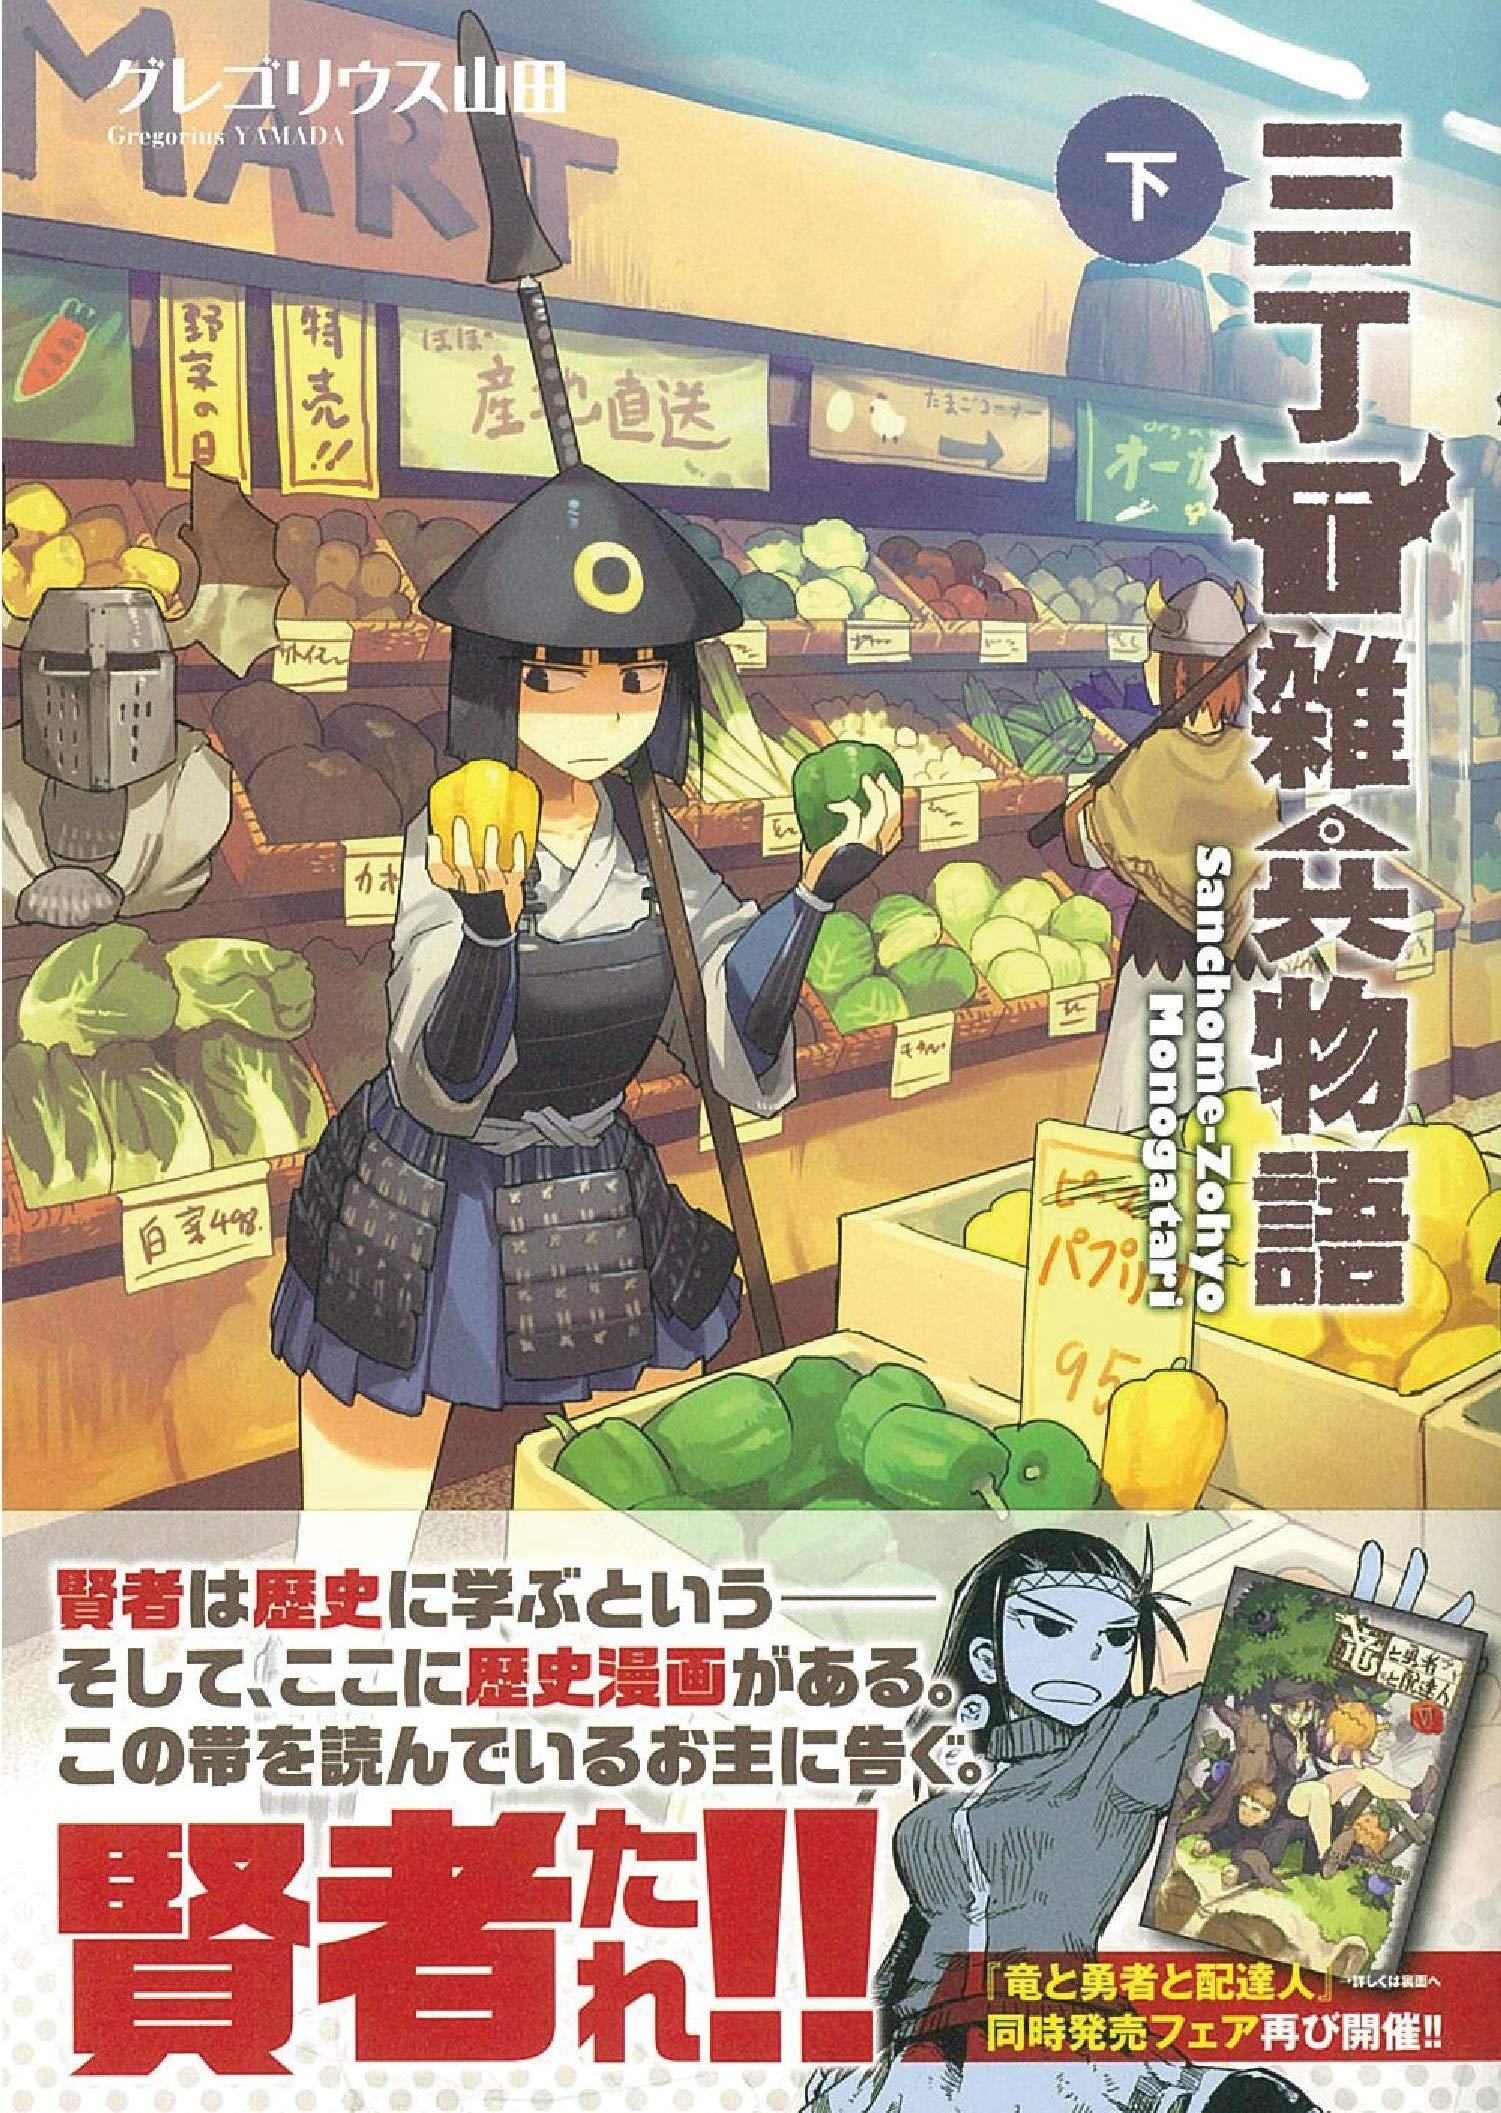 最終 回 アサシン アシスタント TVアニメ『 アサシンズプライド